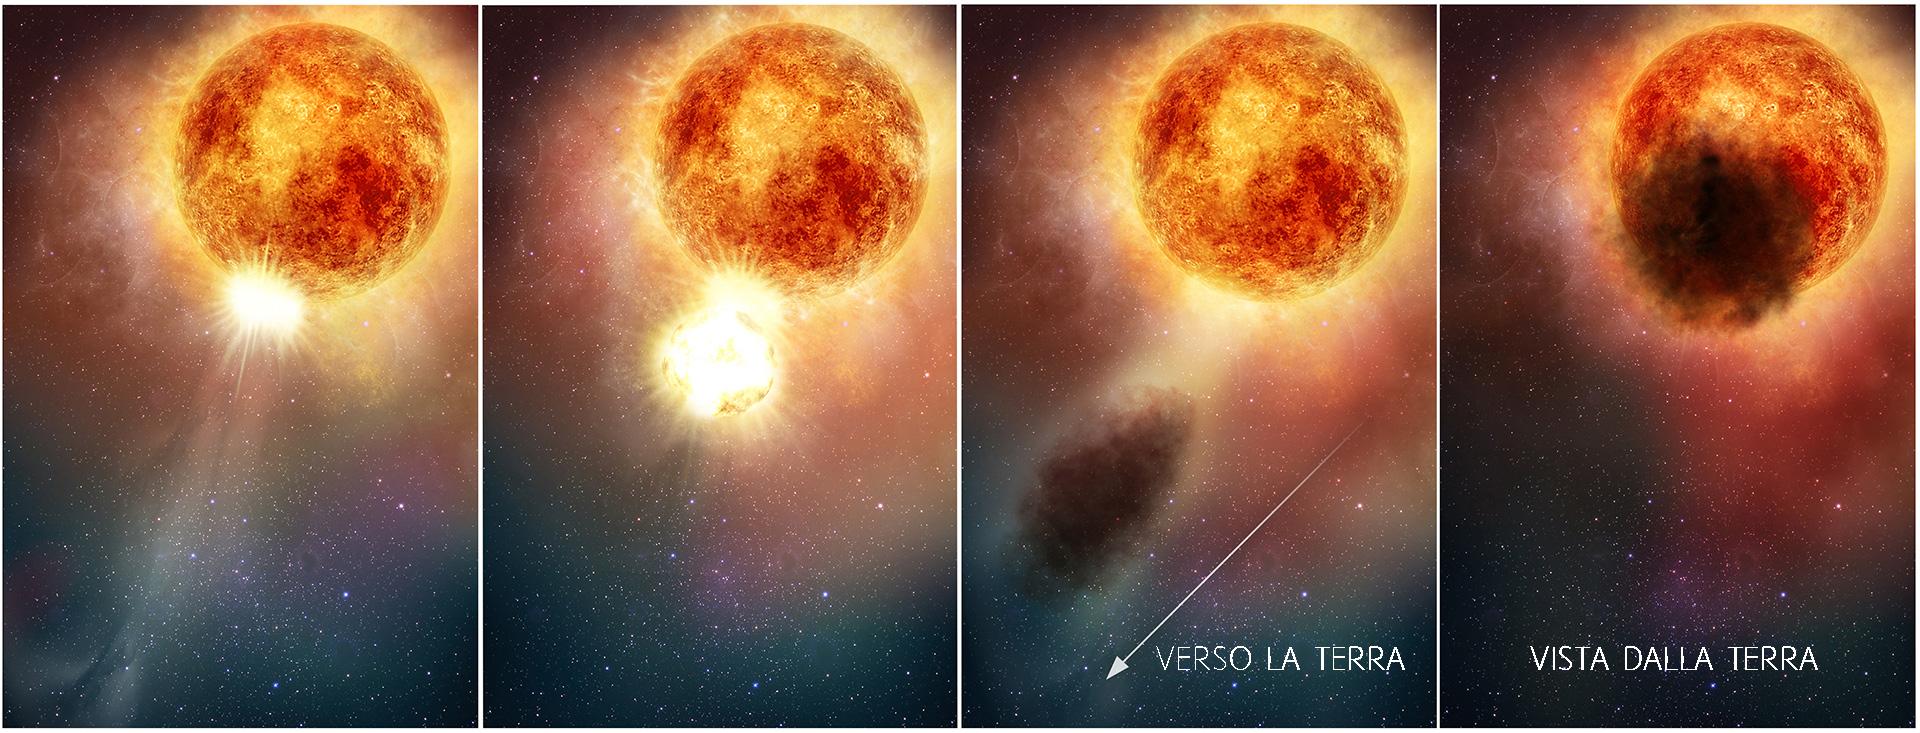 Betelgeuse e il calo di luminosità prodotto dall'emissione di una gigantesca nube di polveri